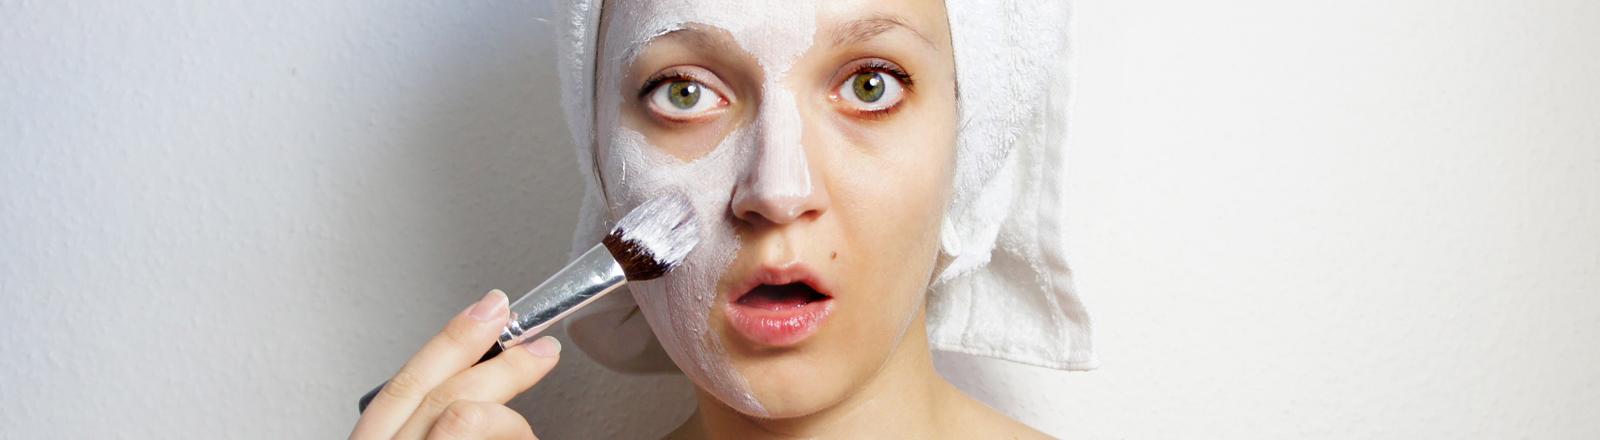 Frau mit Gesichtsmaske mit Pinsel